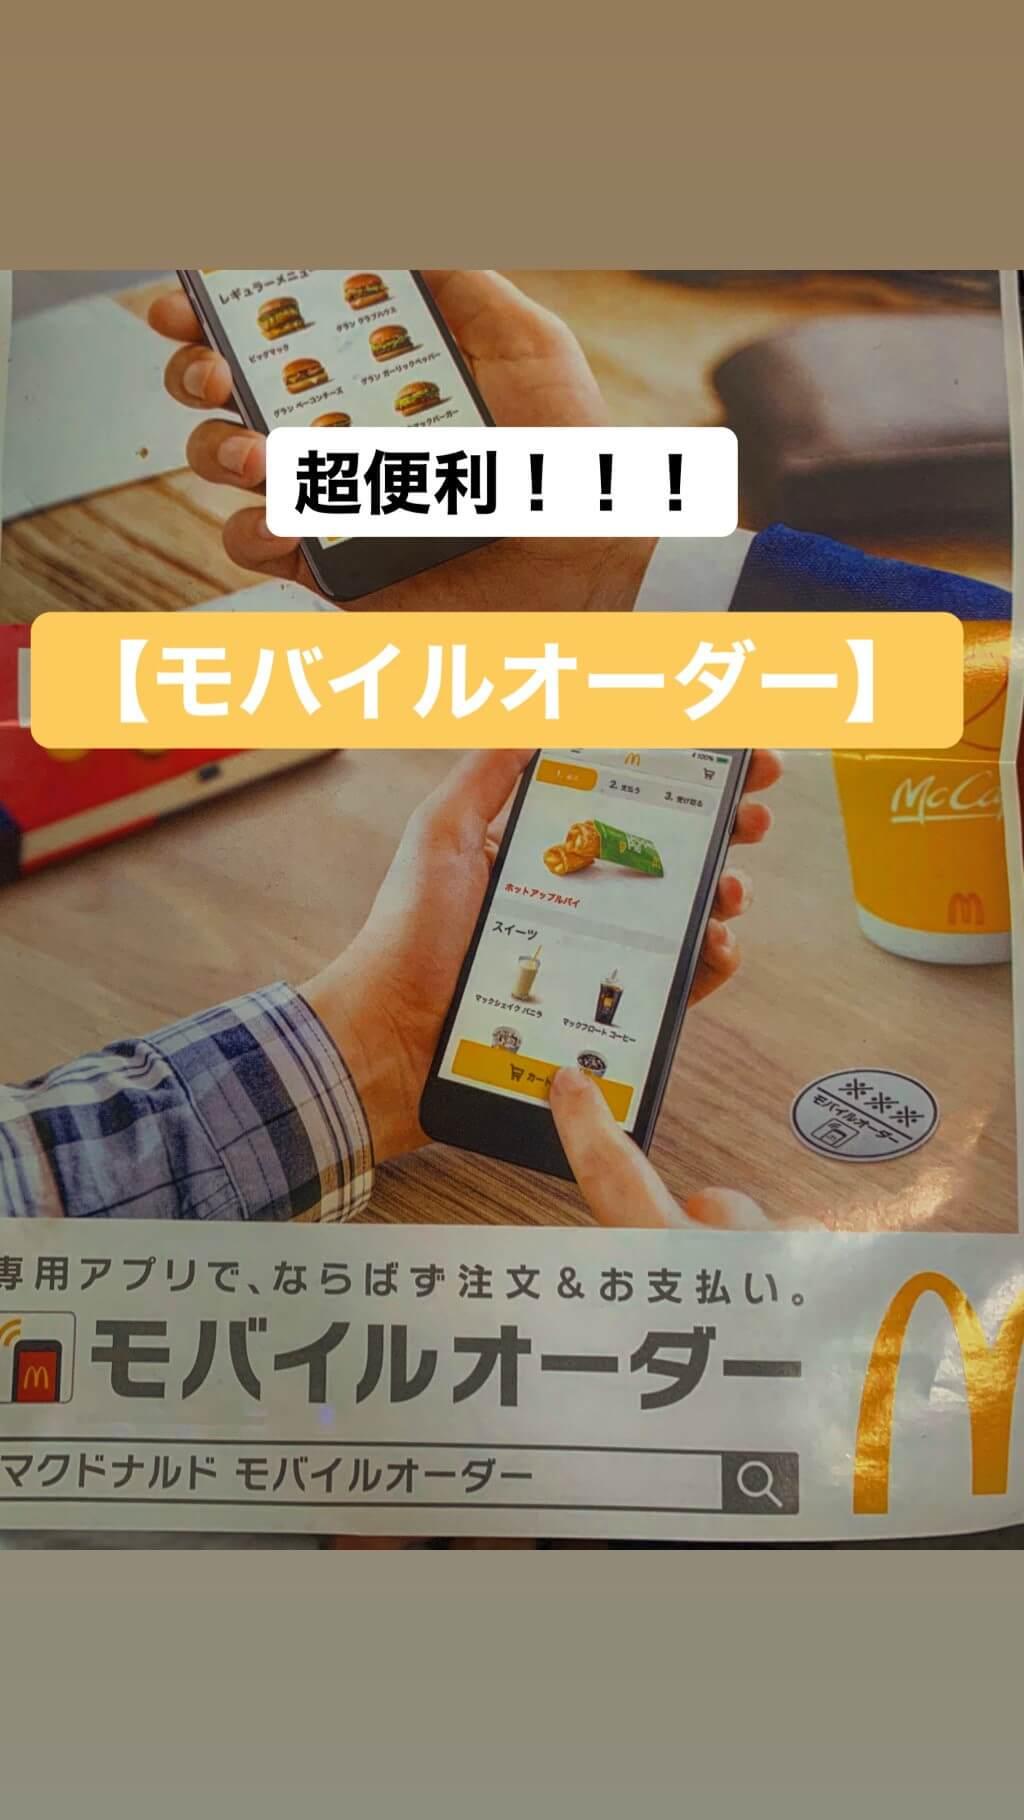 マクドナルド モバイル オーダー 支払い 方法